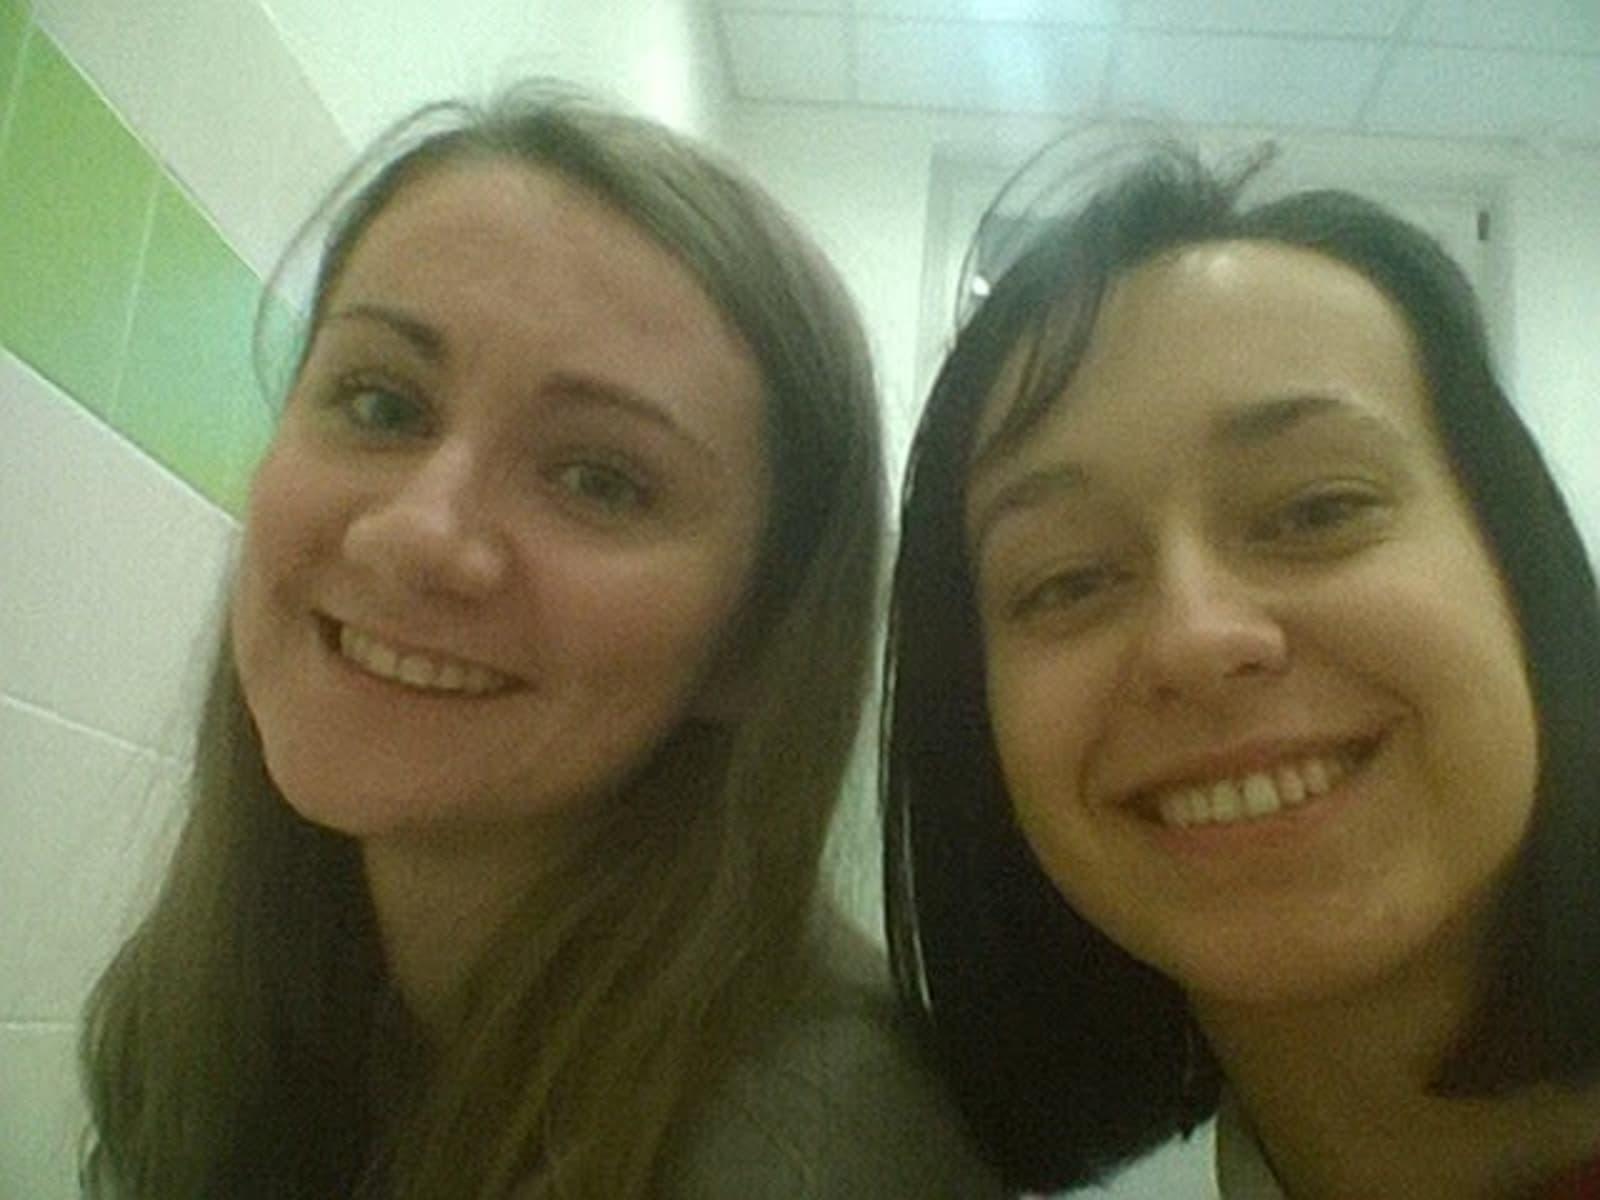 Mária & Radomila from Košice, Slovakia